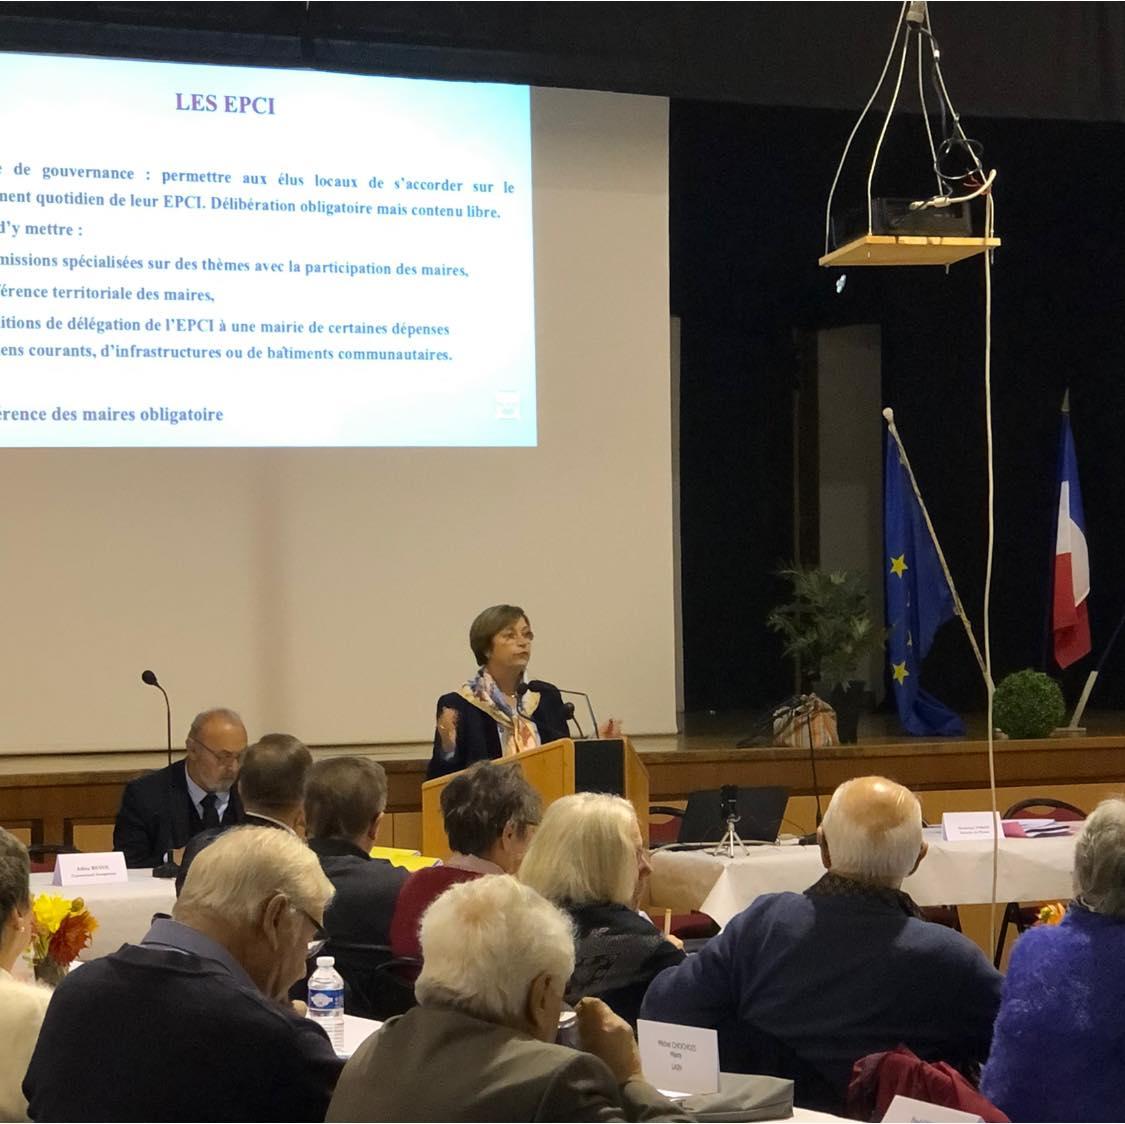 Intervention dans le cadre des Entretiens de Champignelles, le 15 novembre